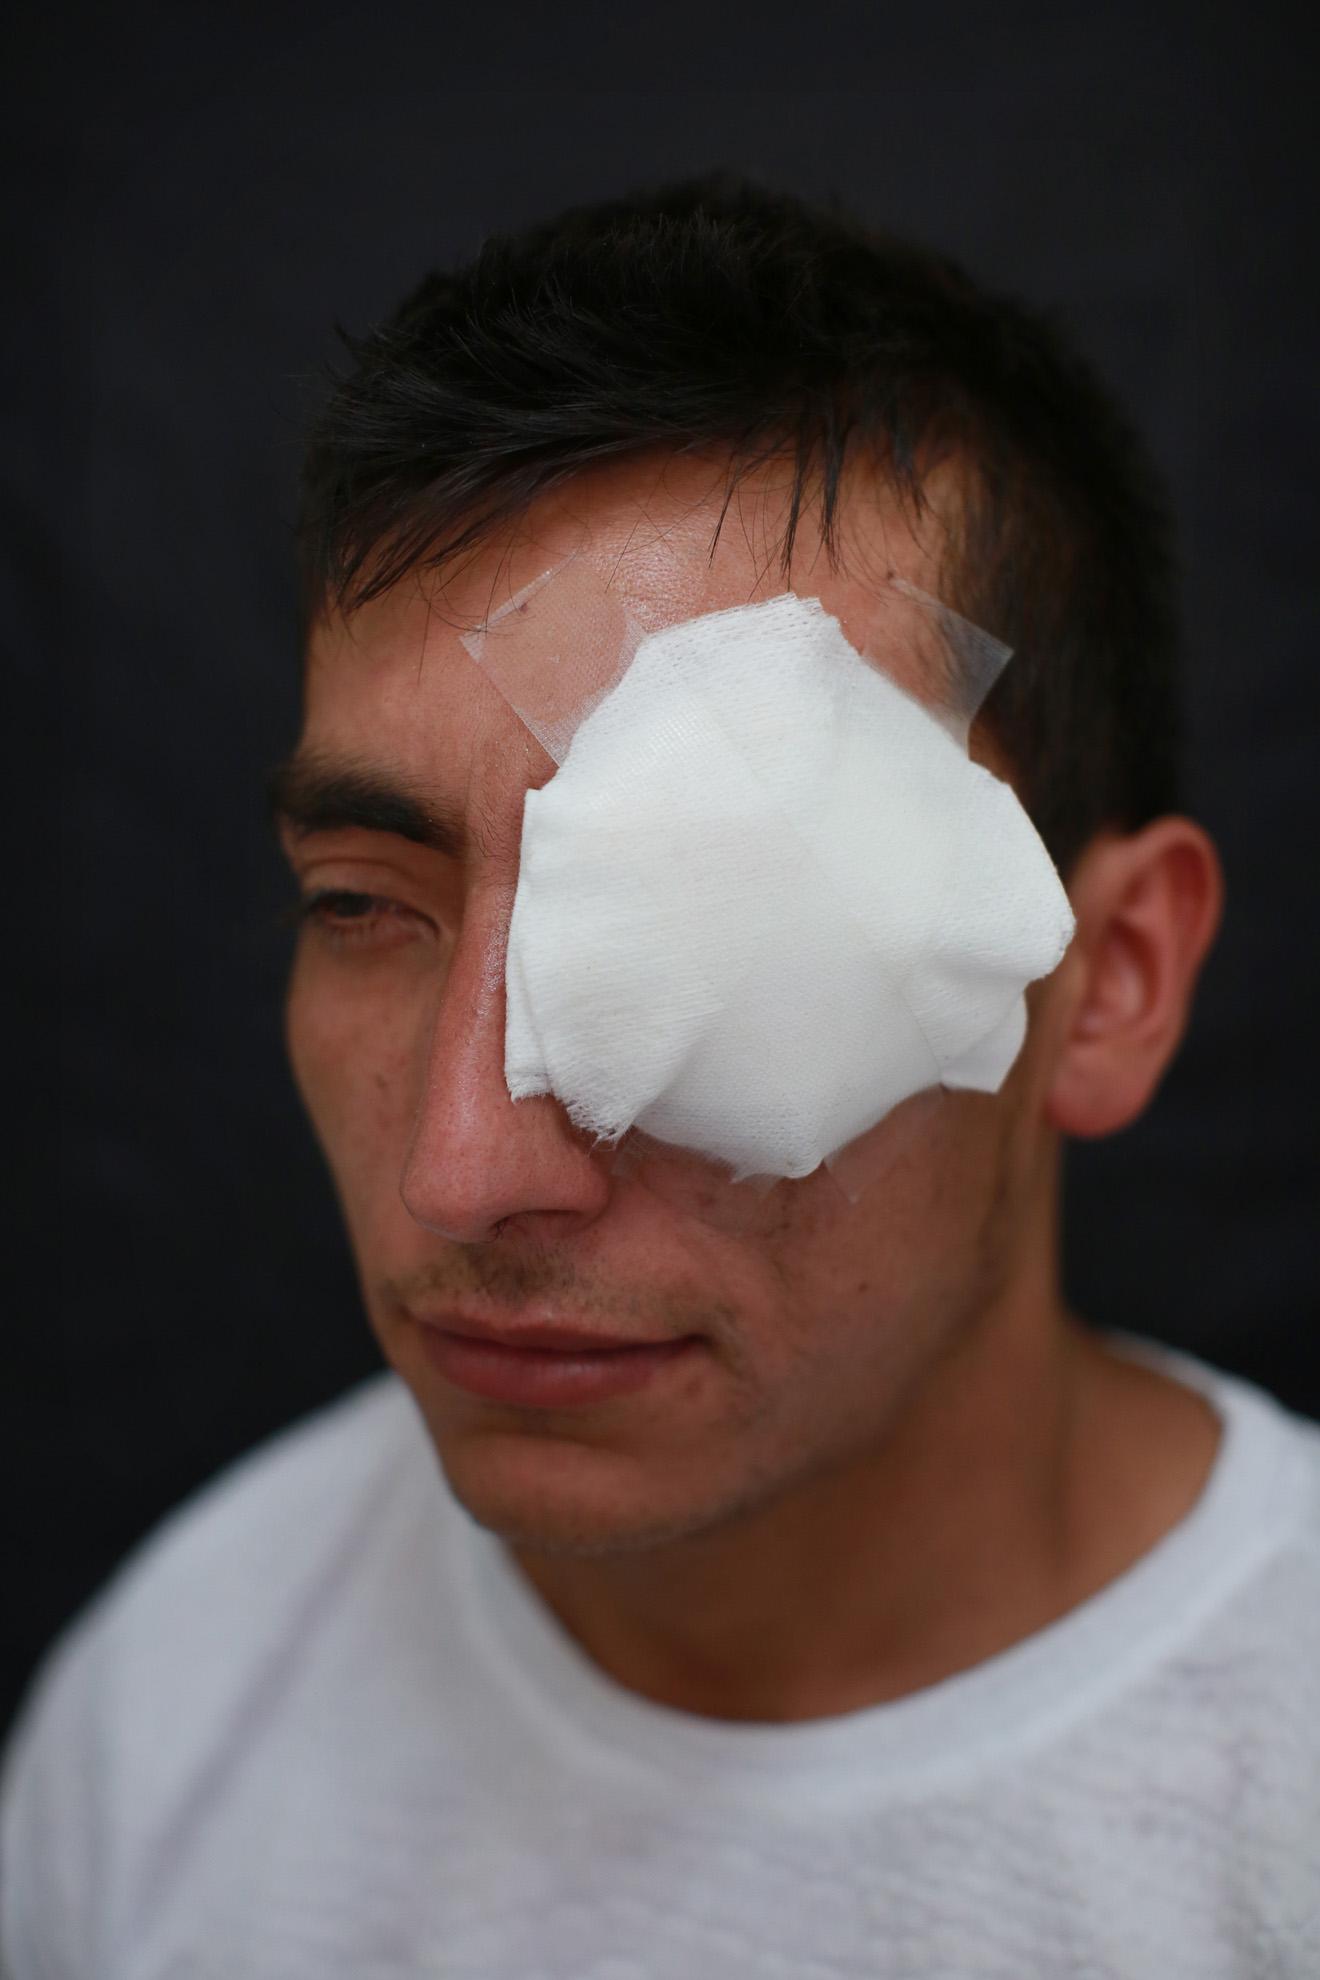 """Leonardo Becerra (27). El día 22 de octubre de 2919 fue impactado en el ojo izquierdo, causando la perdida total de la visión. Vidriero de profesión, no estaba participando en la manifestación. """"Quedé atrapado en medio de la protesta, me asusté, empecé a correr, fue ahí que me dispararon""""."""